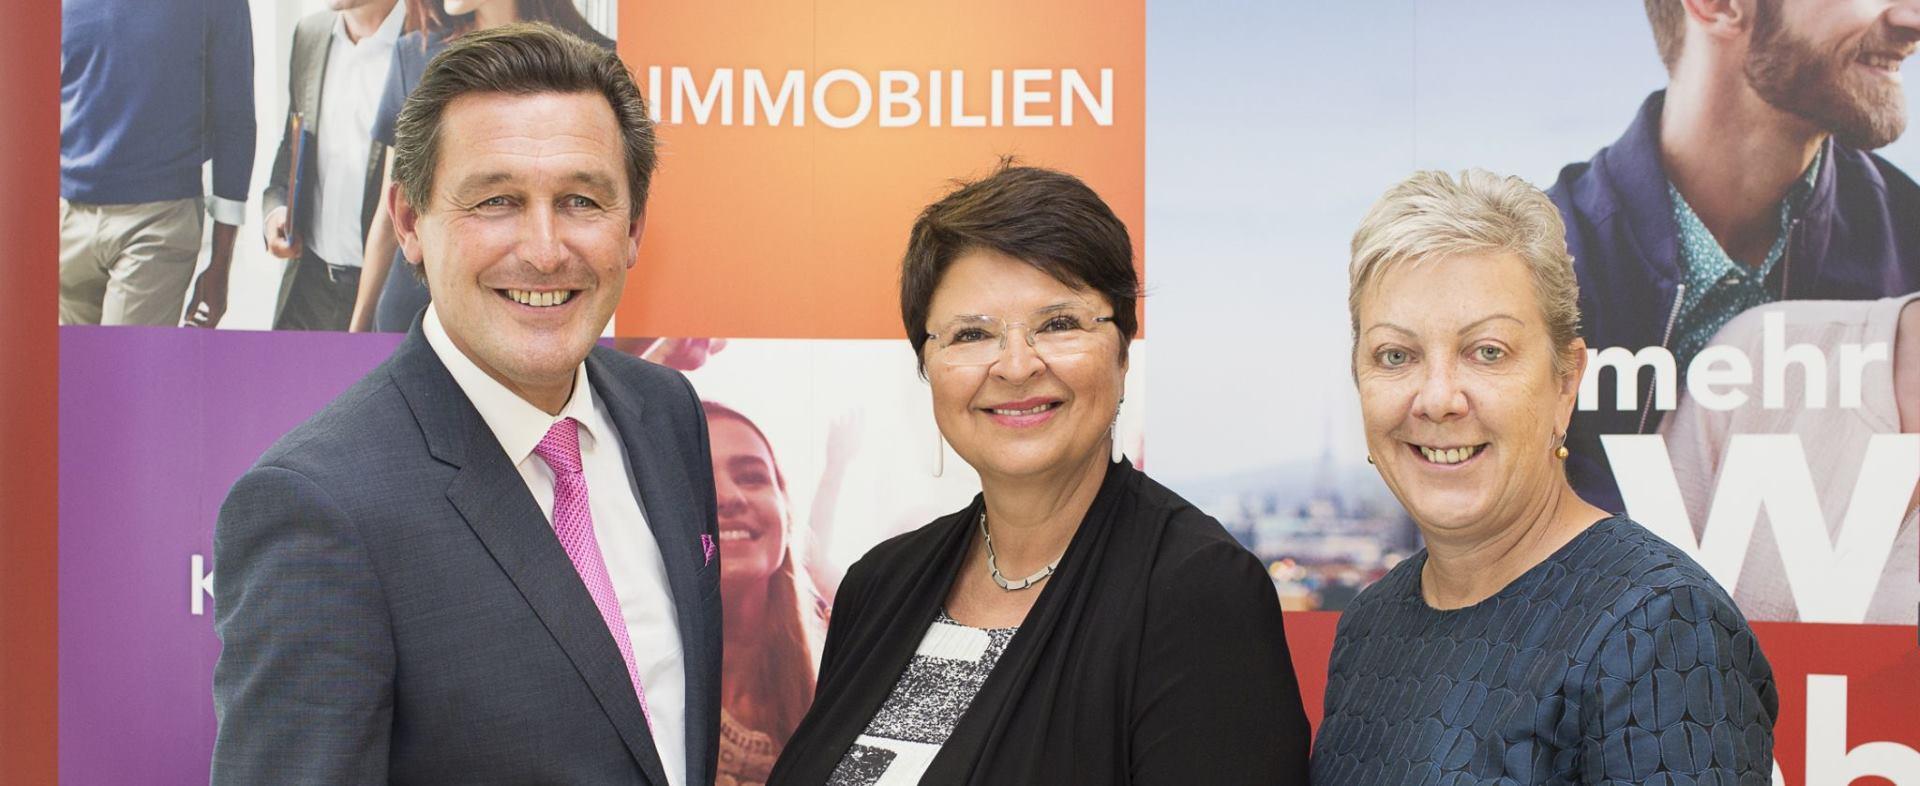 Promet Bečkog holdinga u 2015. godini iznosio 547.5 milijuna eura